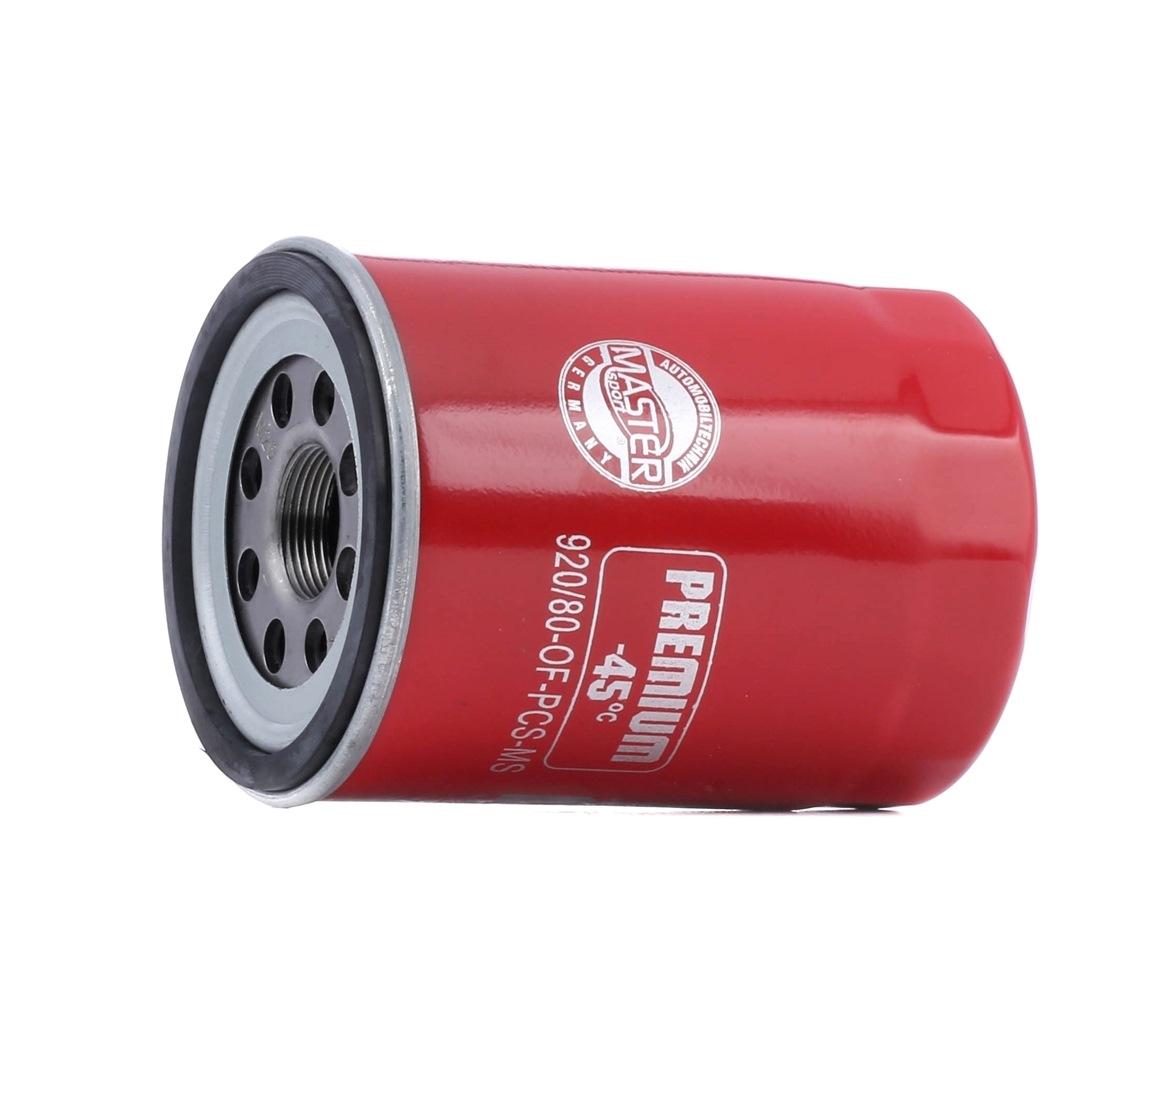 Achetez des Filtre à huile MASTER-SPORT 920/80-OF-PCS-MS à prix modérés